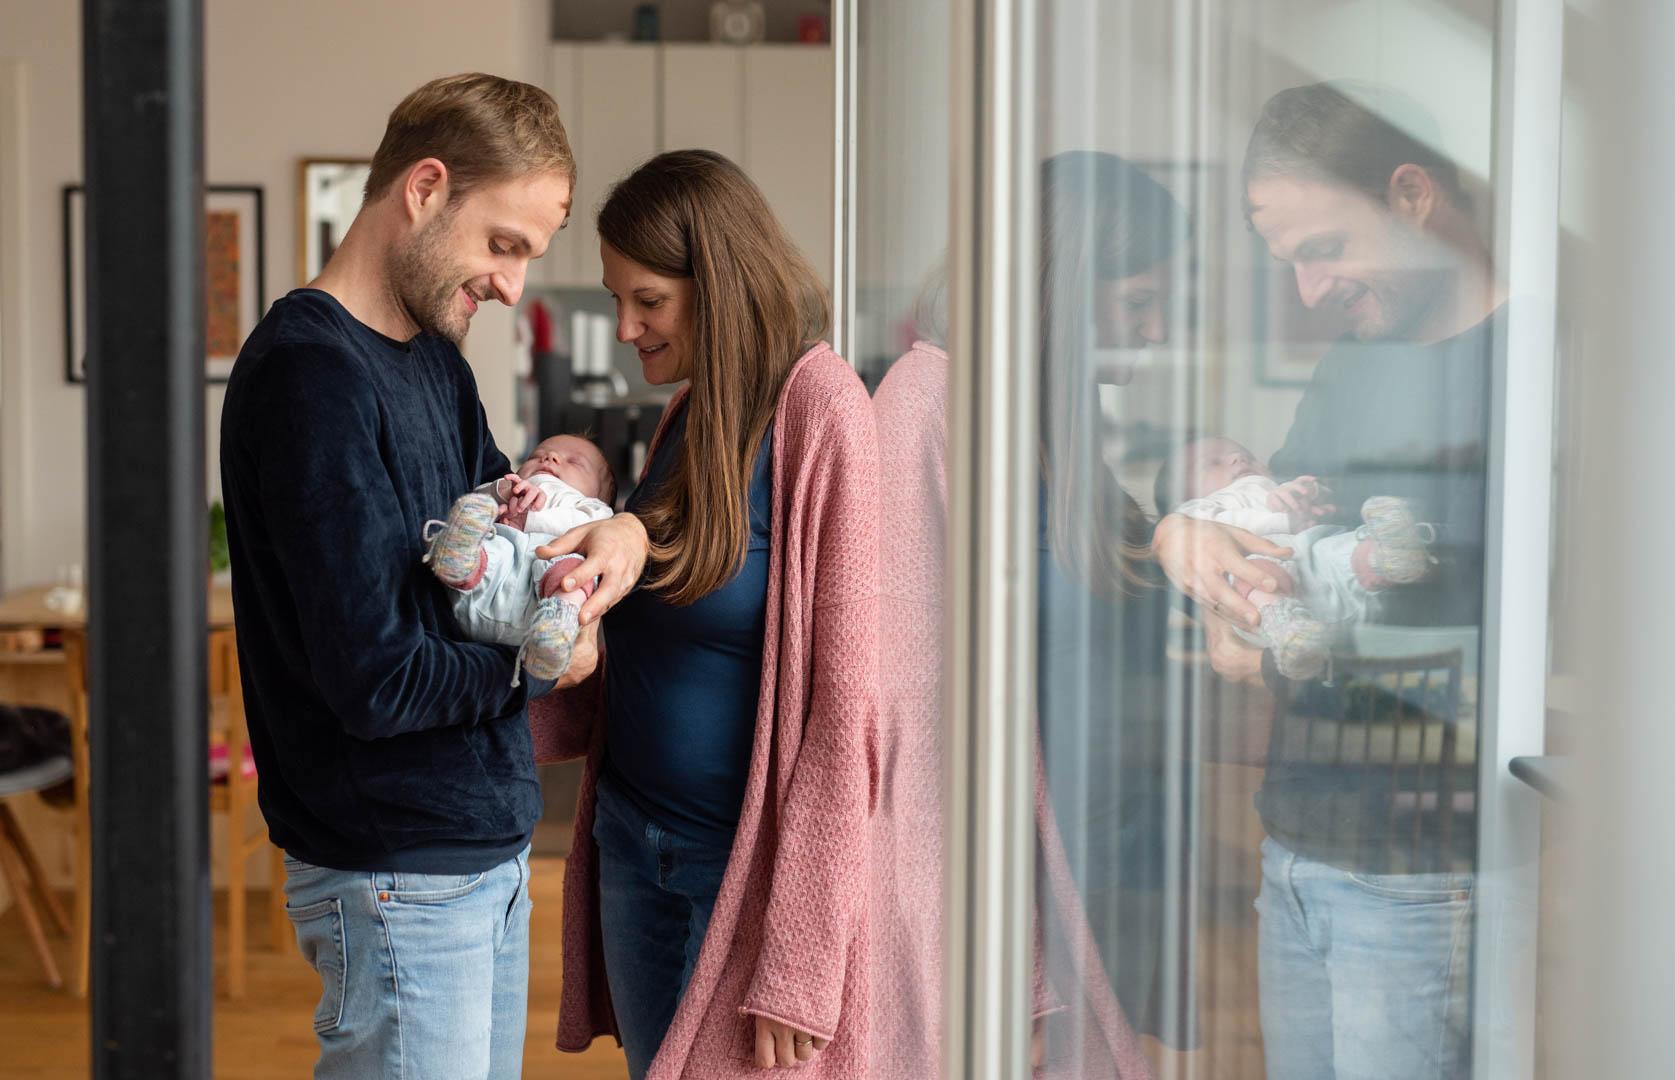 Familienfoto Homestory mit Baby und Spiegelbild